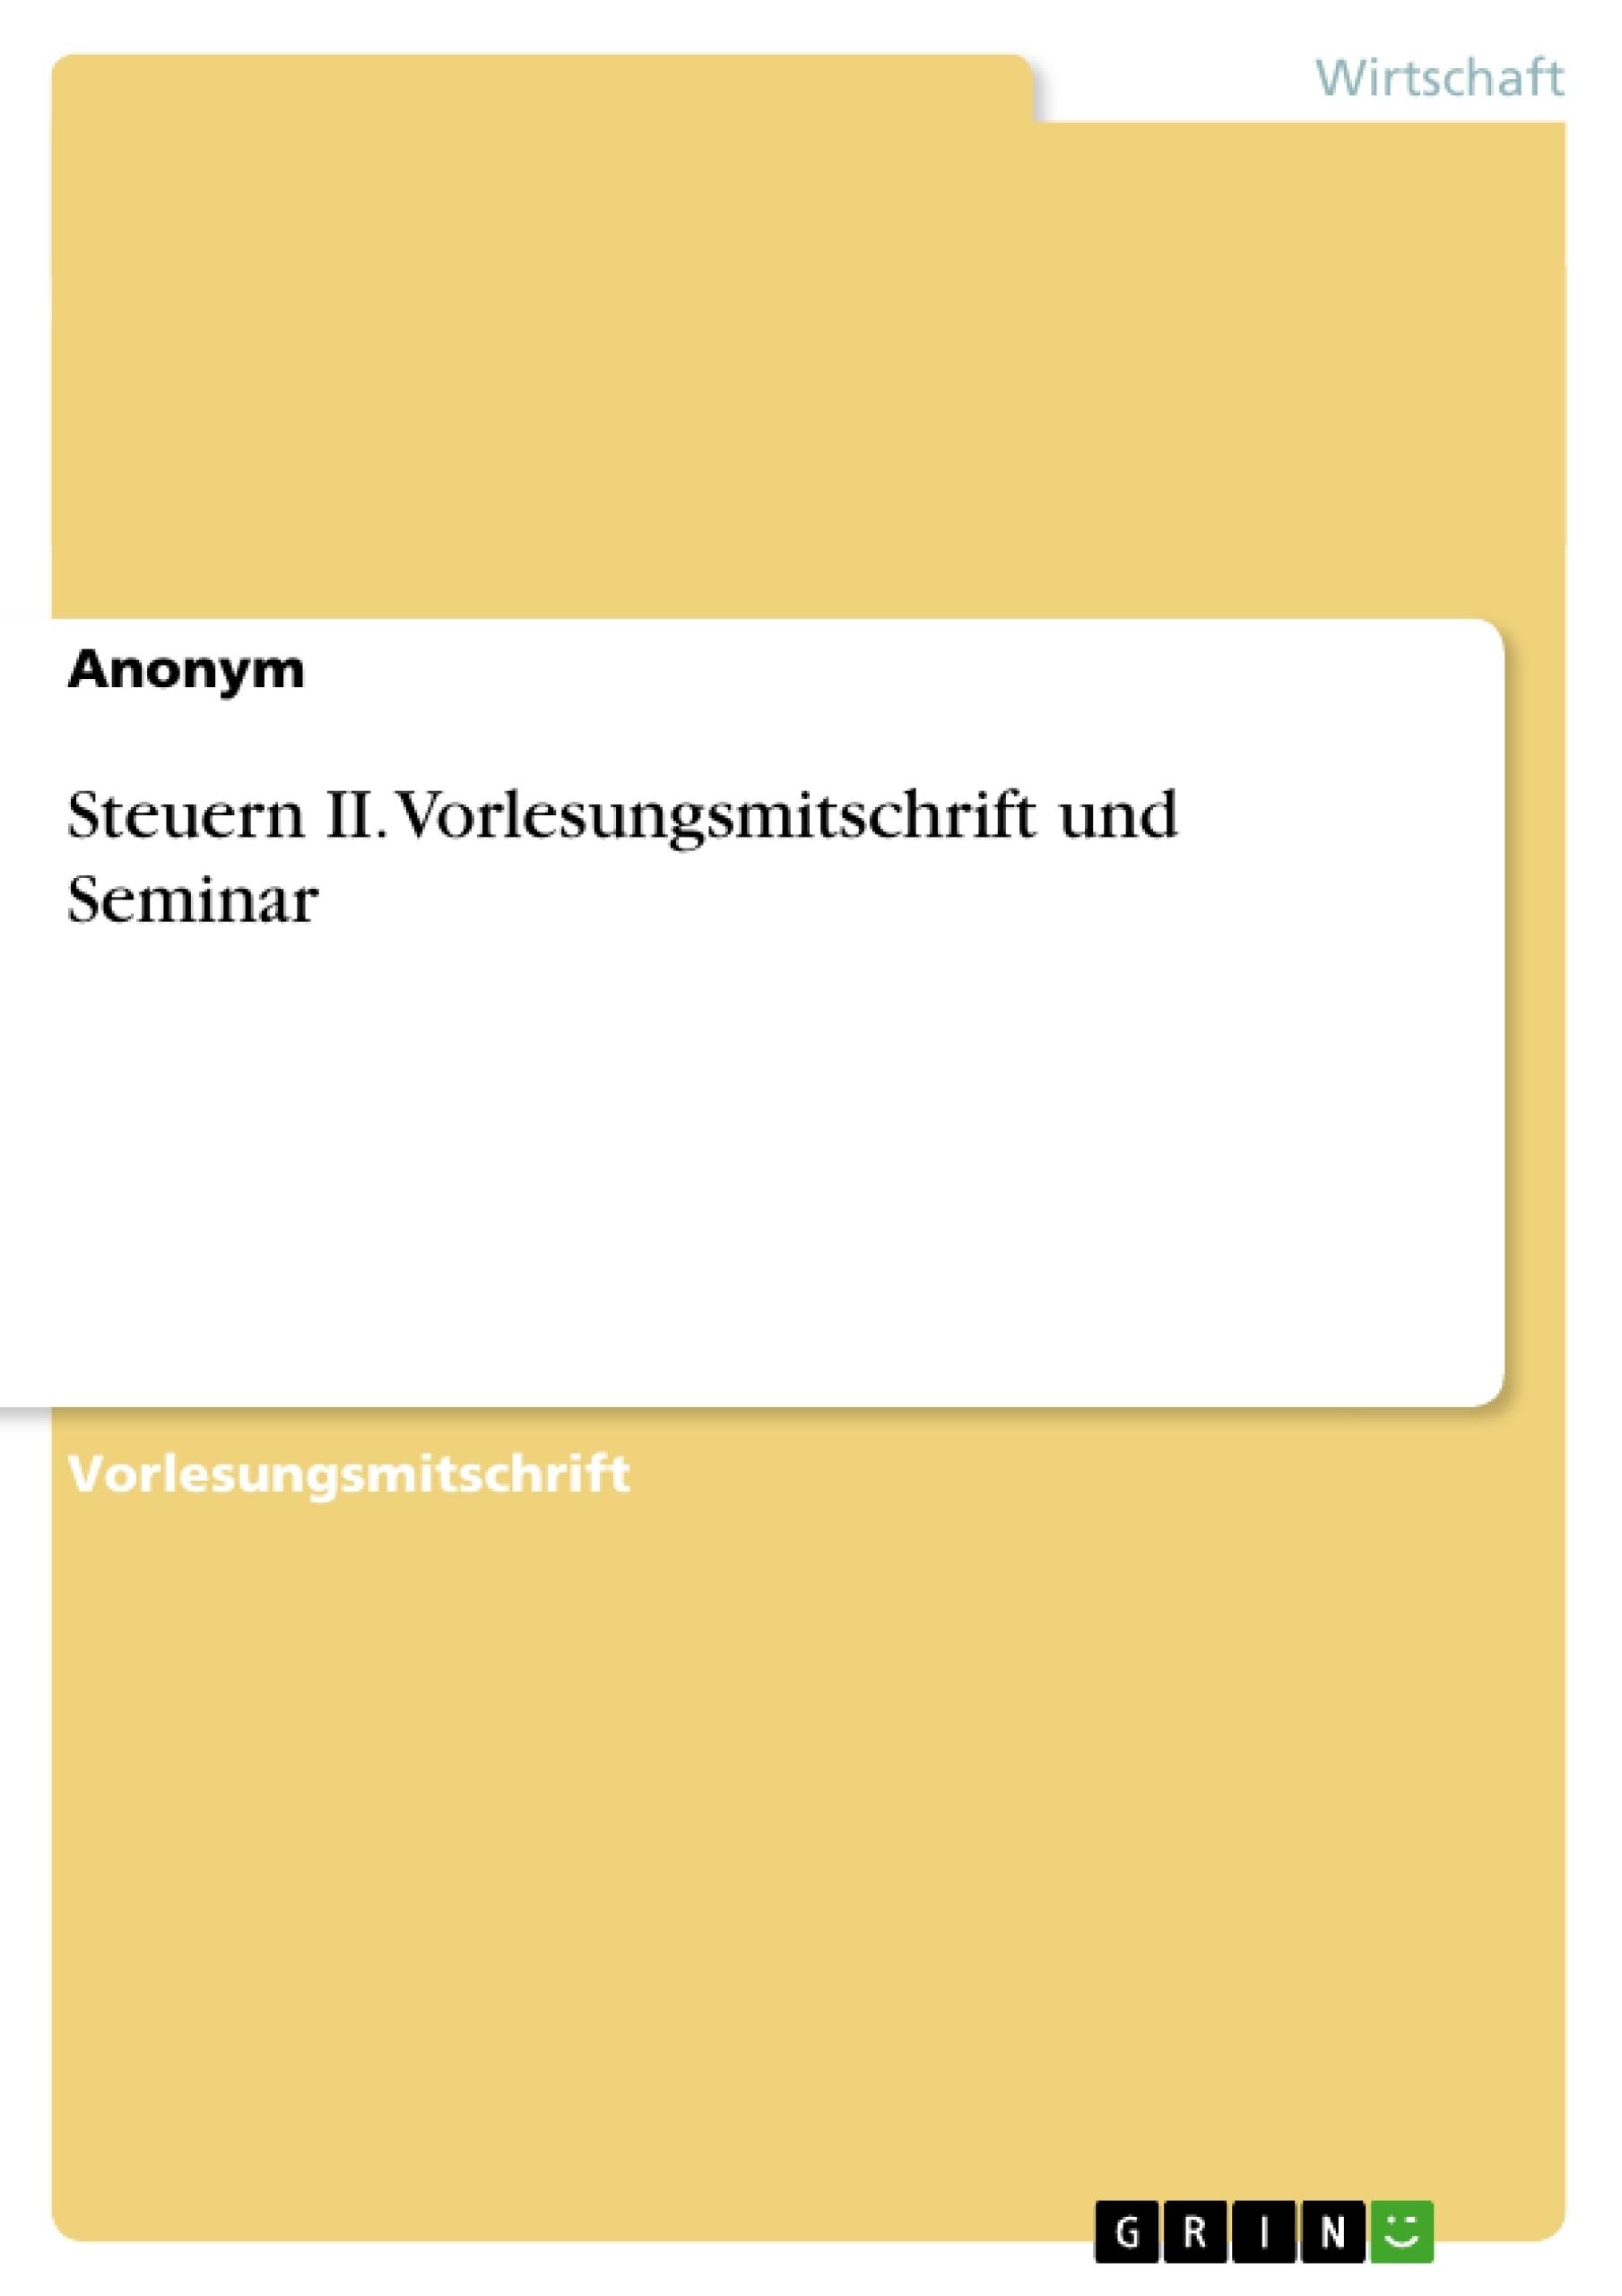 Titel: Steuern II. Vorlesungsmitschrift und Seminar